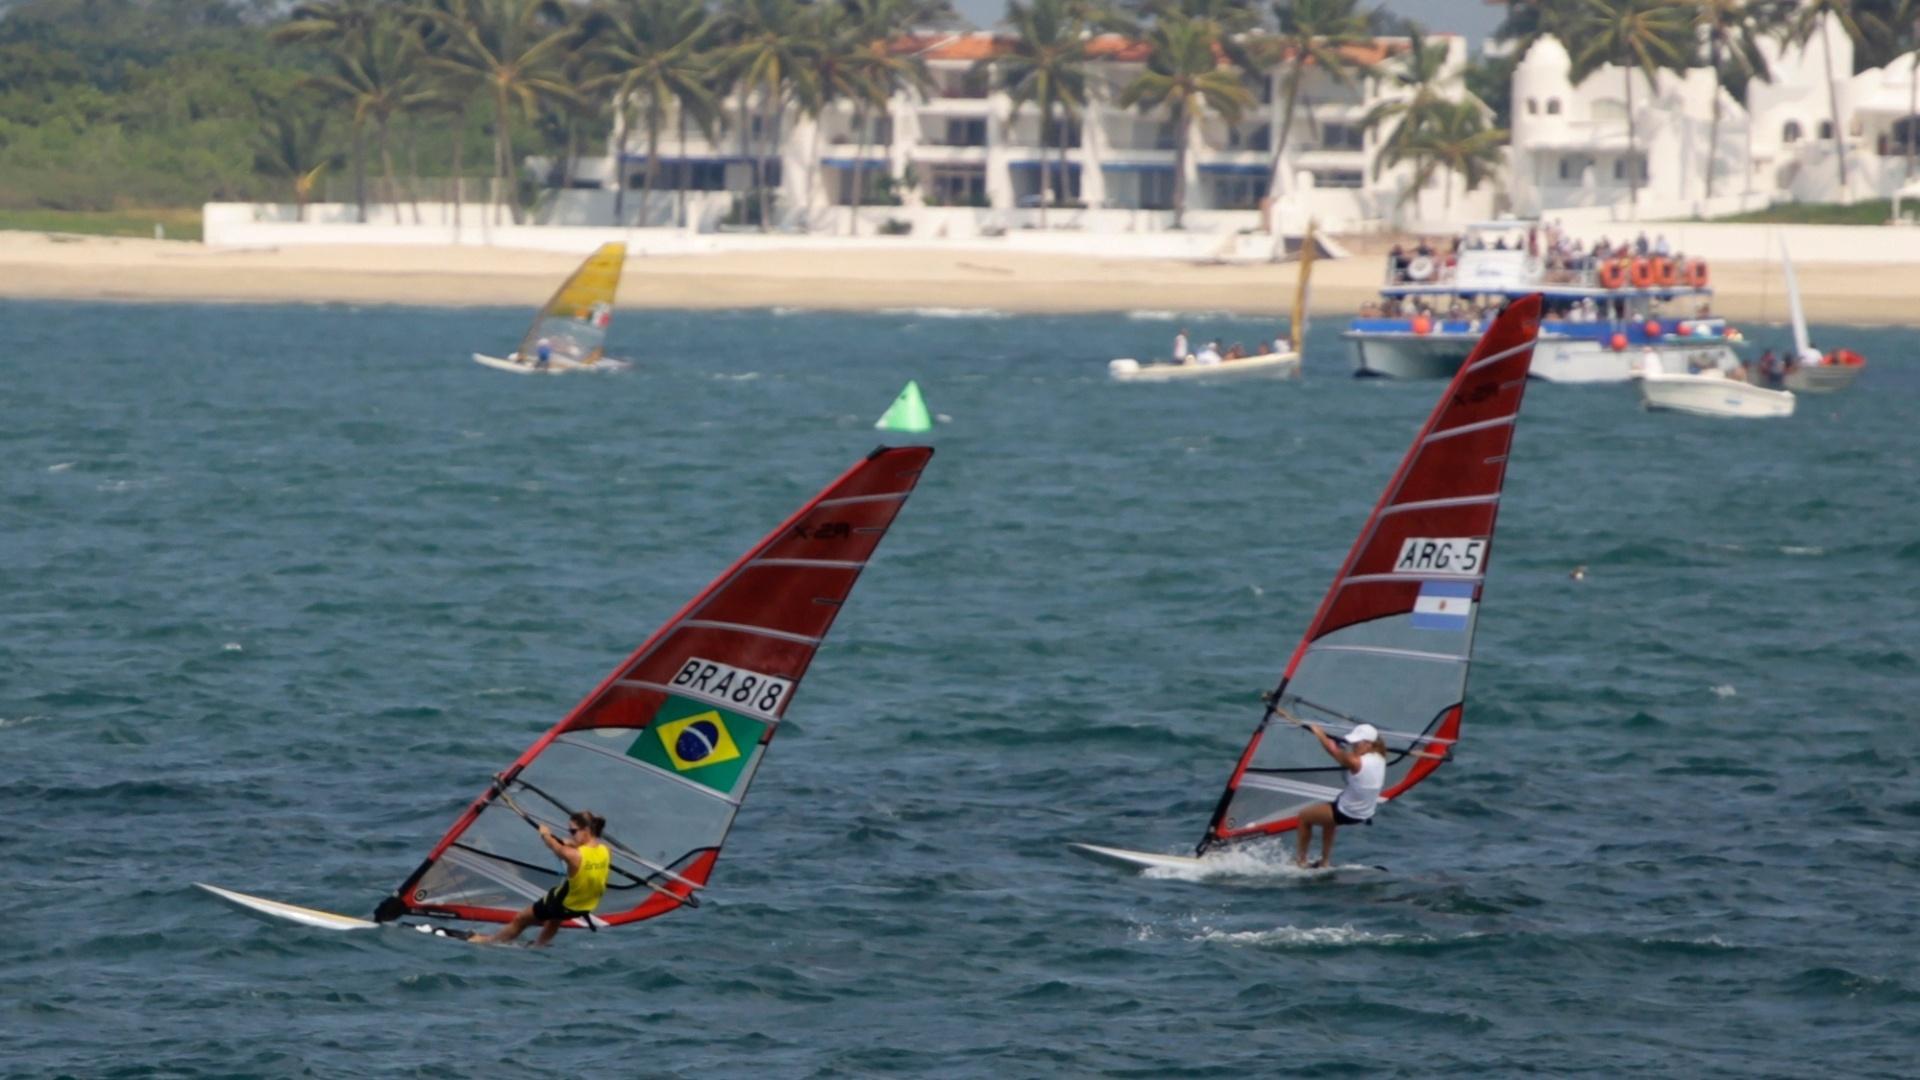 Com ouro garantido antecipadamente, Patrícia Freitas vence também a última regata da classe RS:X feminina (23/10/2011)